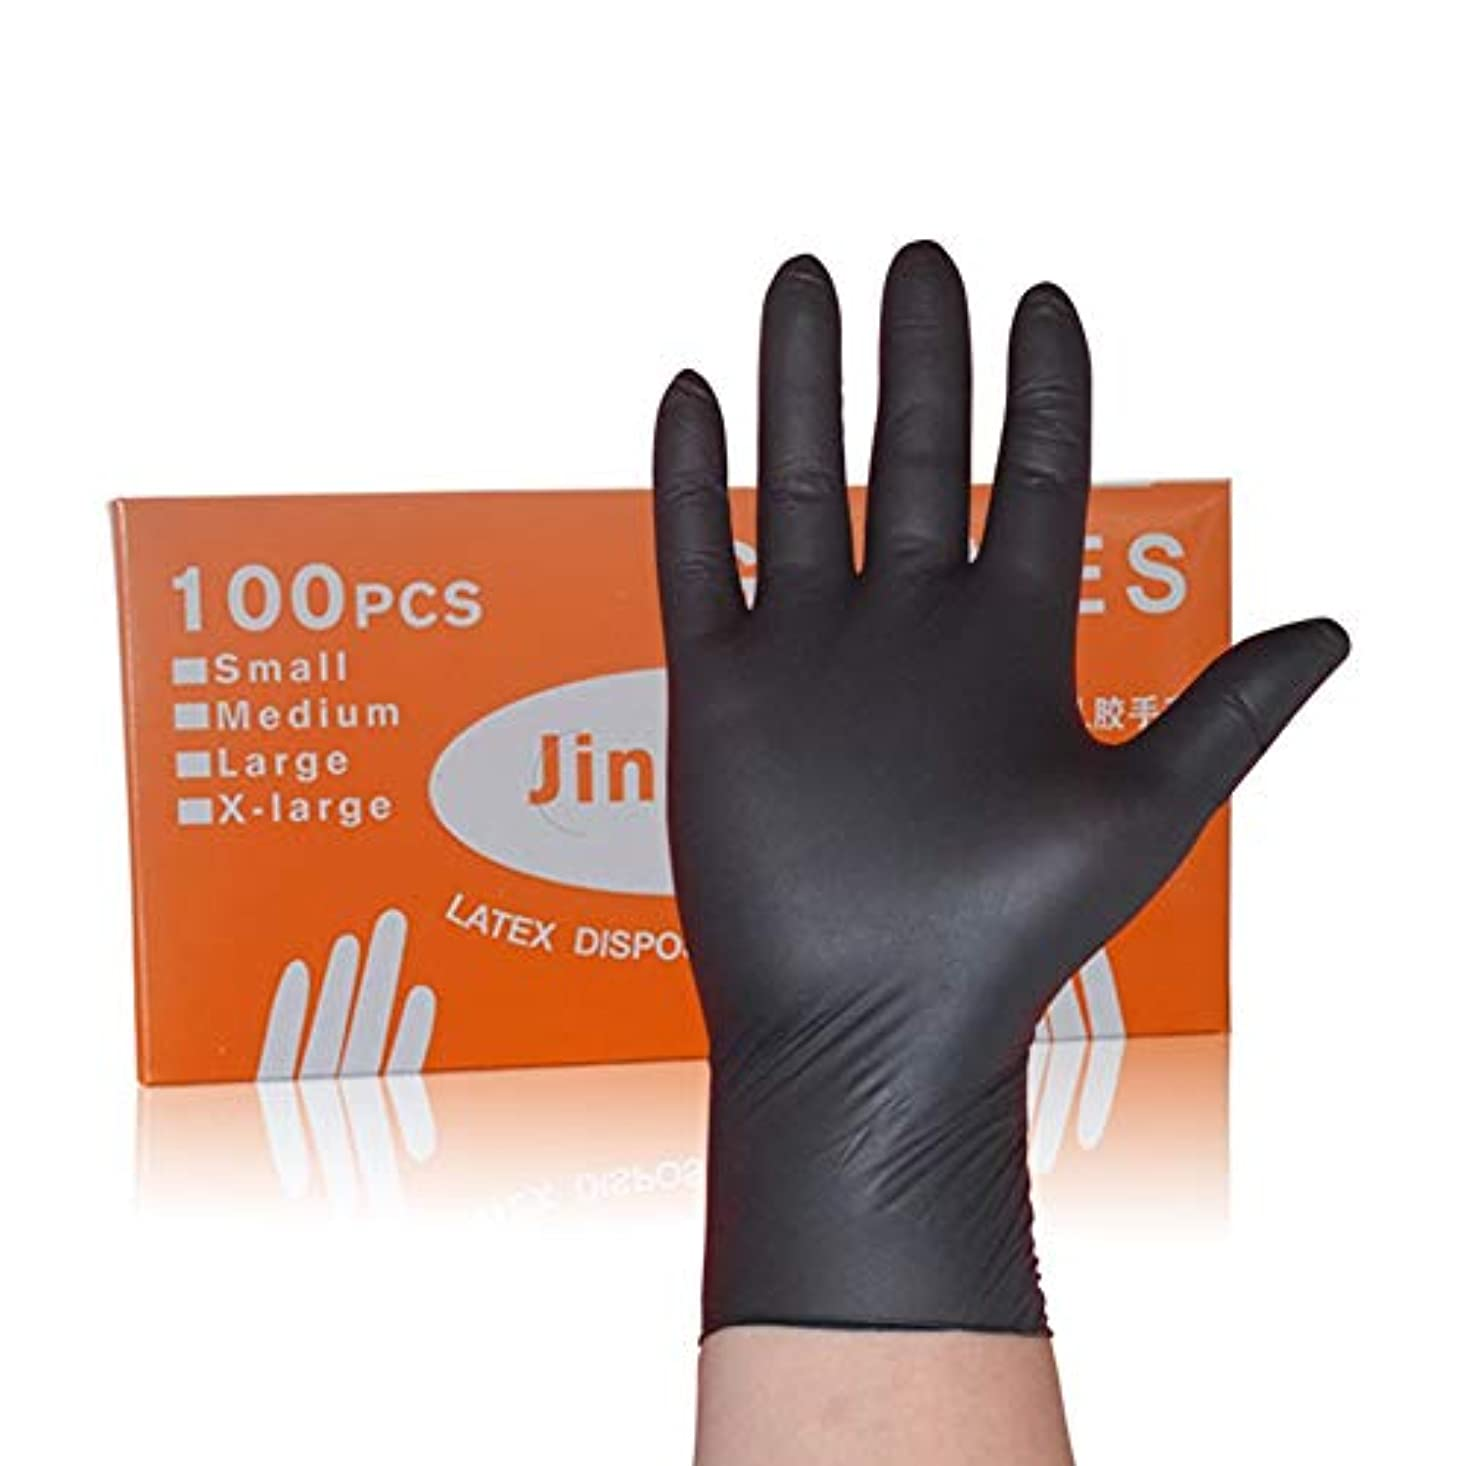 時刻表移民代わってNbr使い捨て手袋ラテックスニトリル帯電防止ゴム実験機械美容院タトゥー手袋 YANW (色 : ブラック, サイズ さいず : L l)